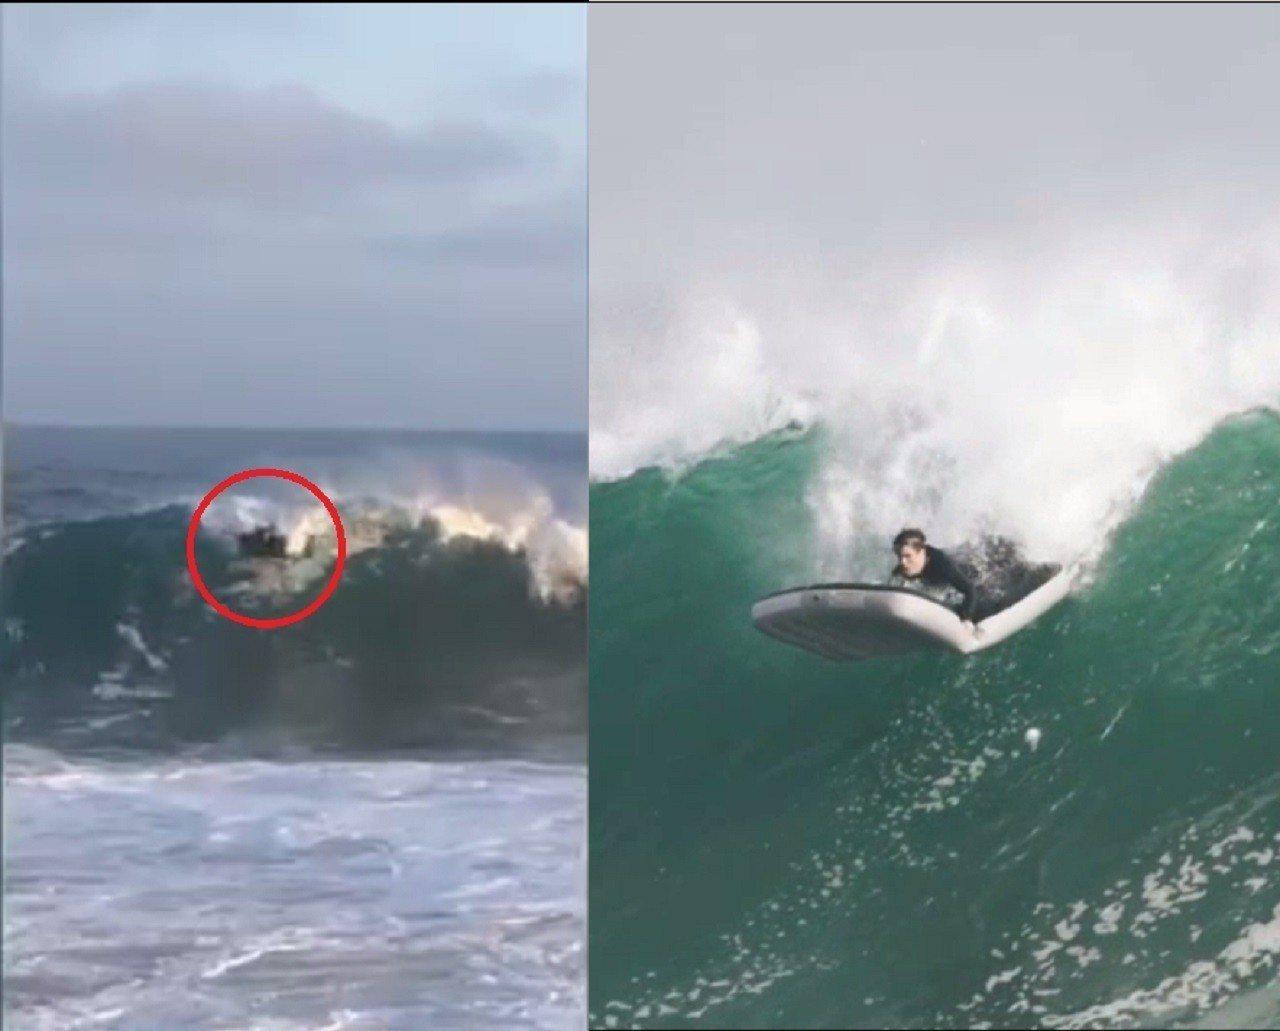 加州知名衝浪景點,日前出現一名男子,用充氣床墊成功征服大浪,引來現場一陣歡呼。圖...